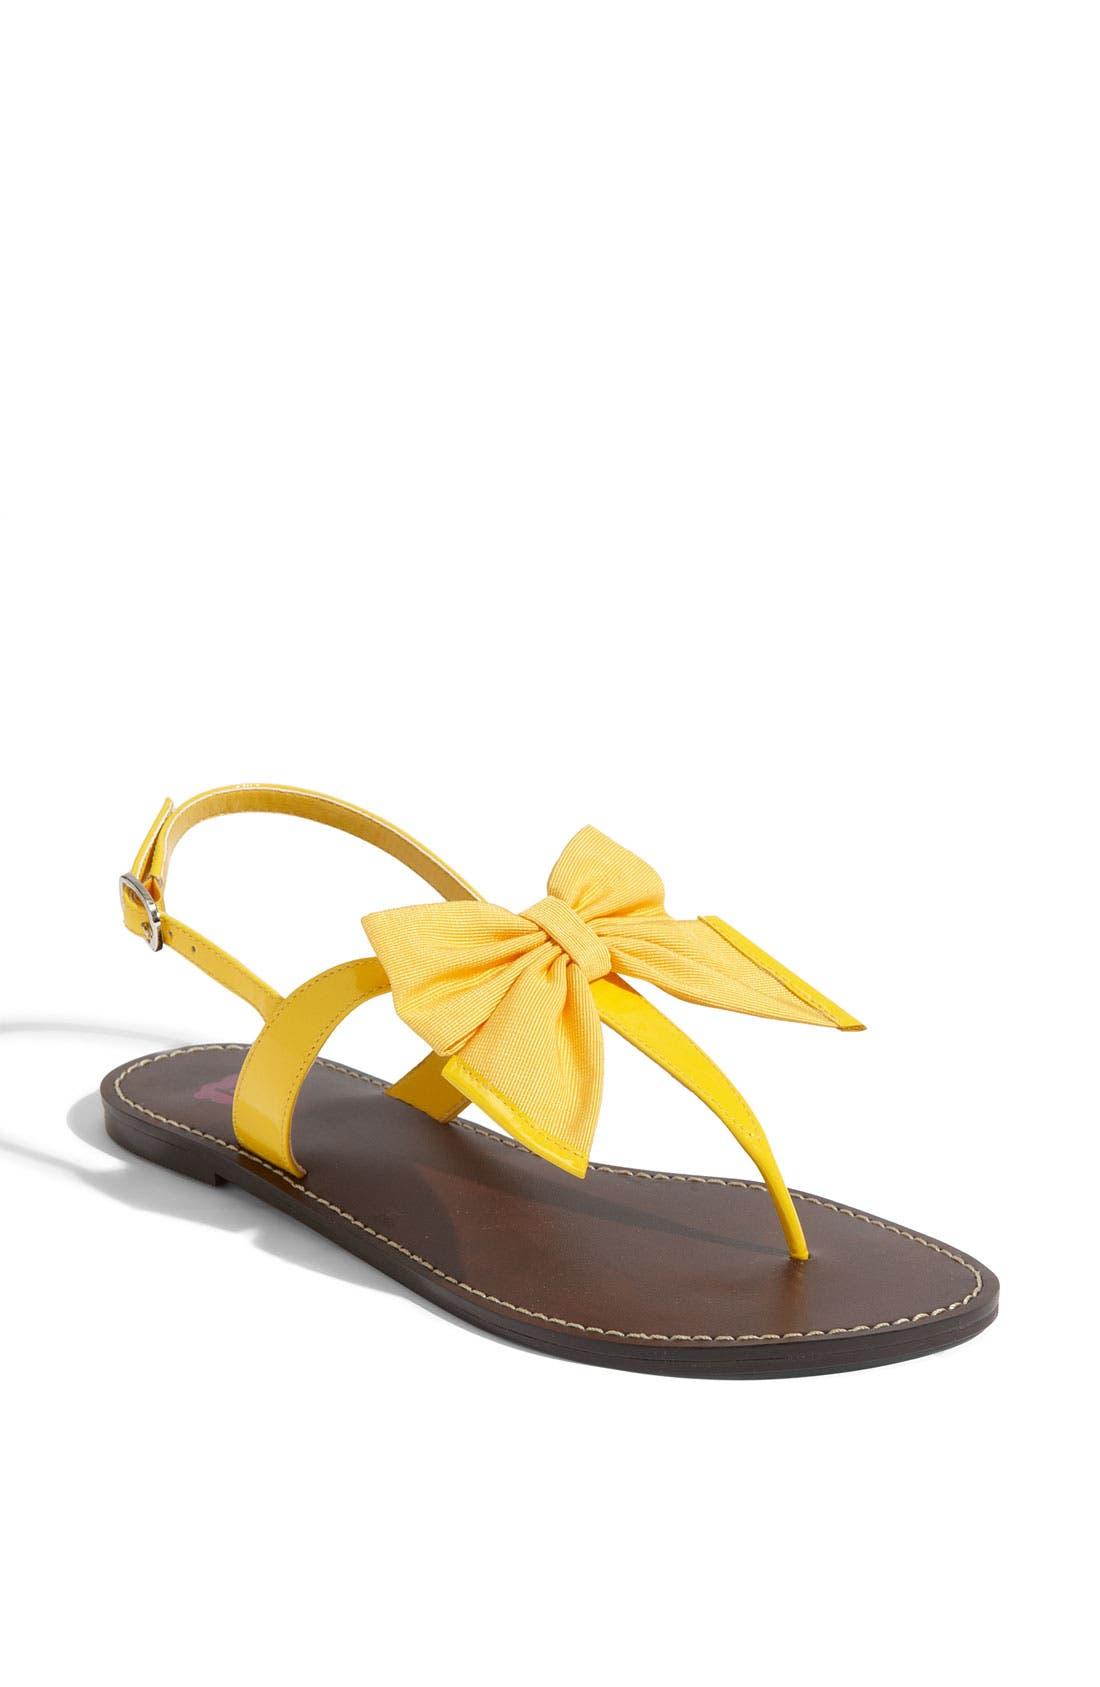 Main Image - BP. 'Valentine' Sandal